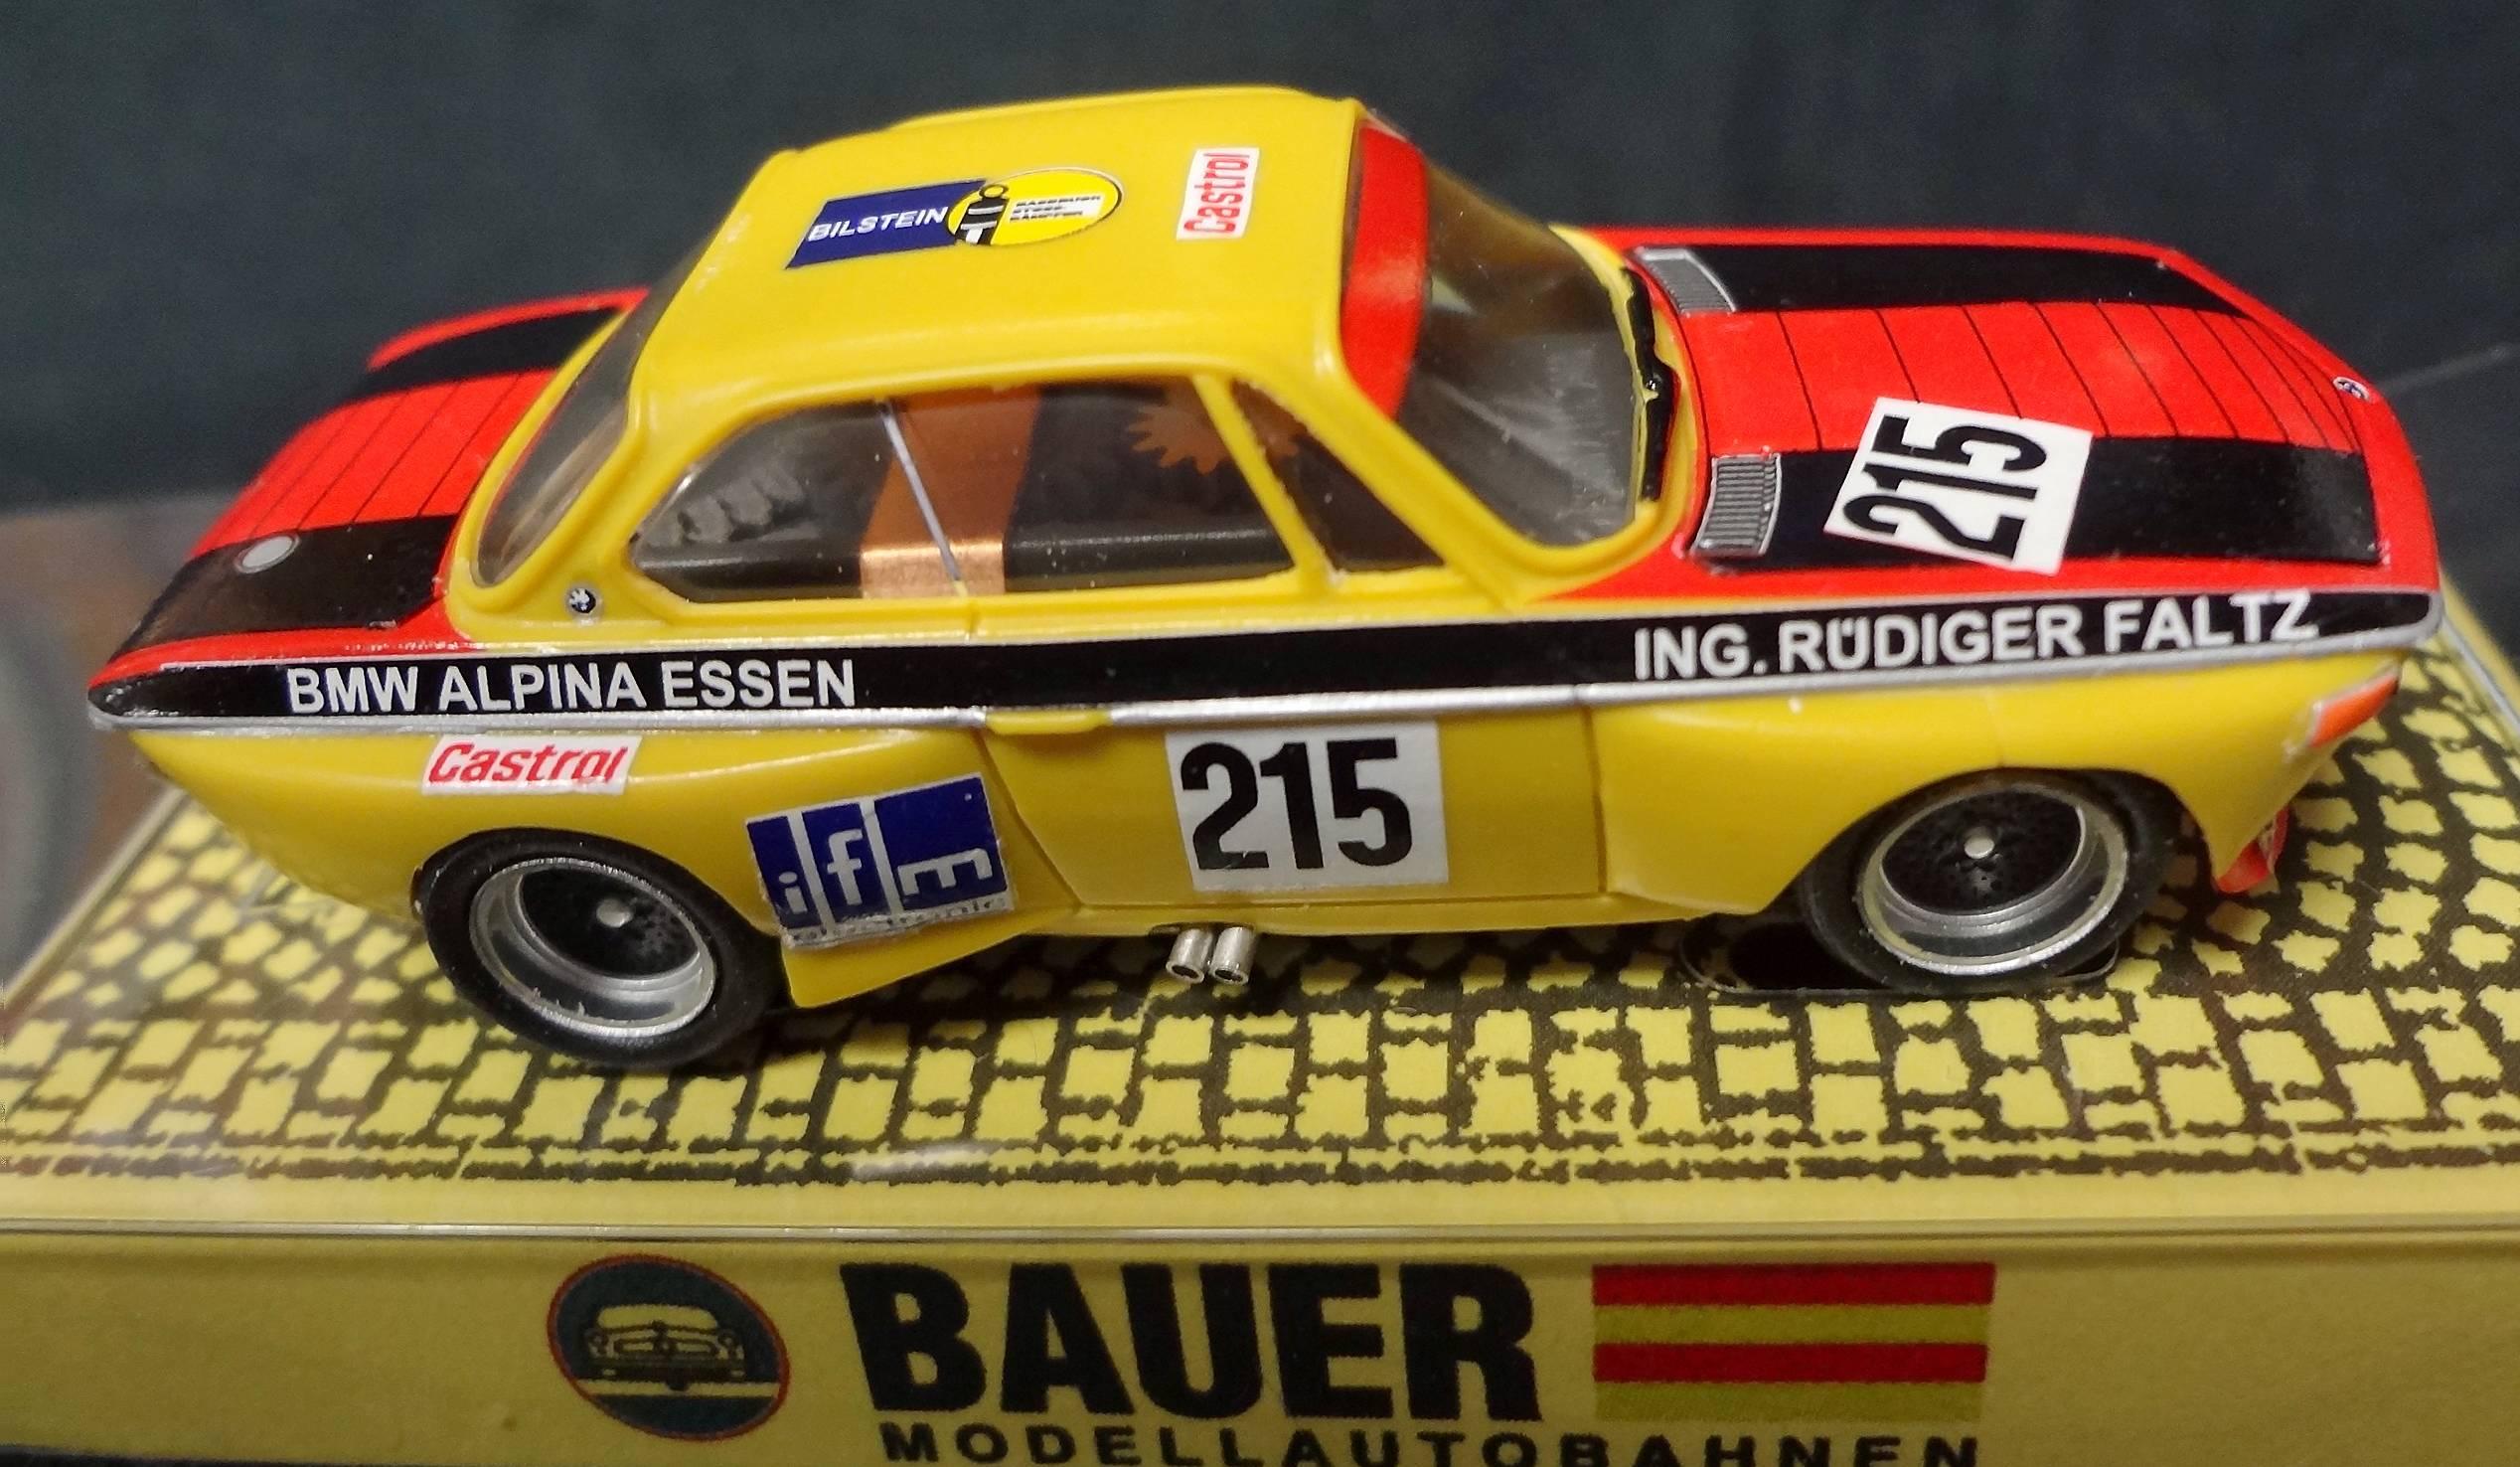 BMW 3.0 CSL Faltz-Albina nurburgring 0934 | NJ Nostalgia Hobby